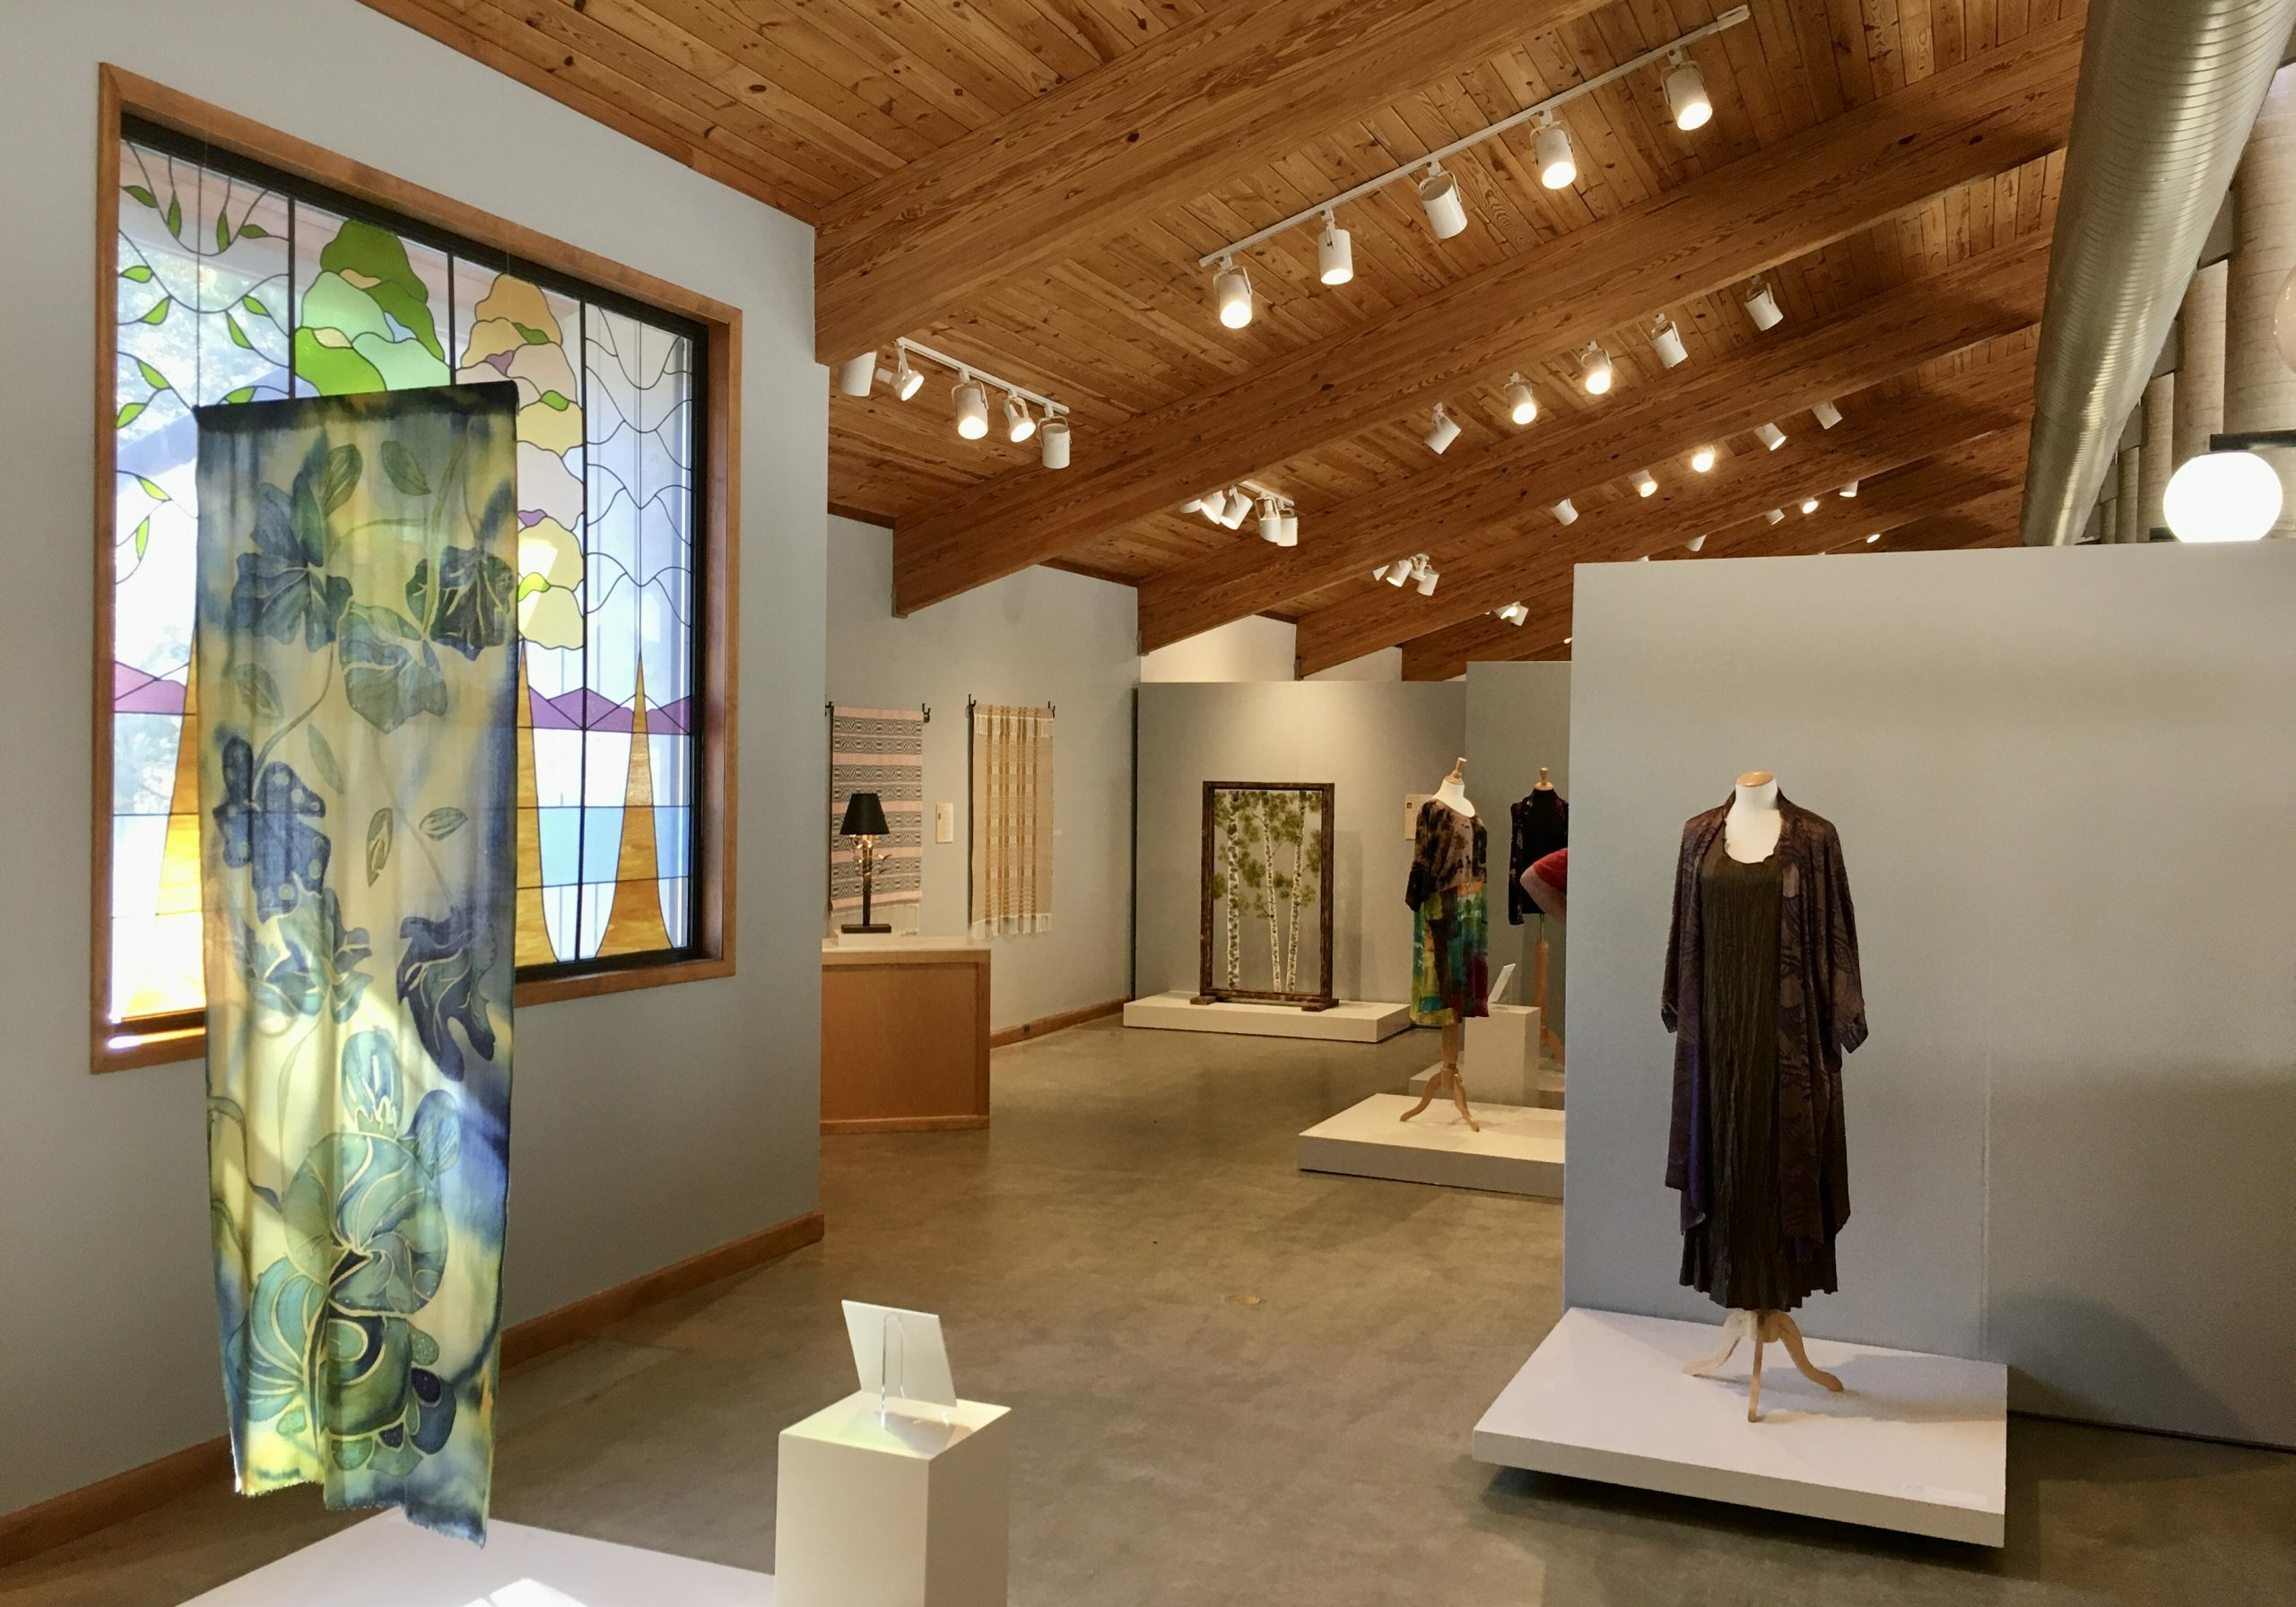 Main Gallery Exhibition